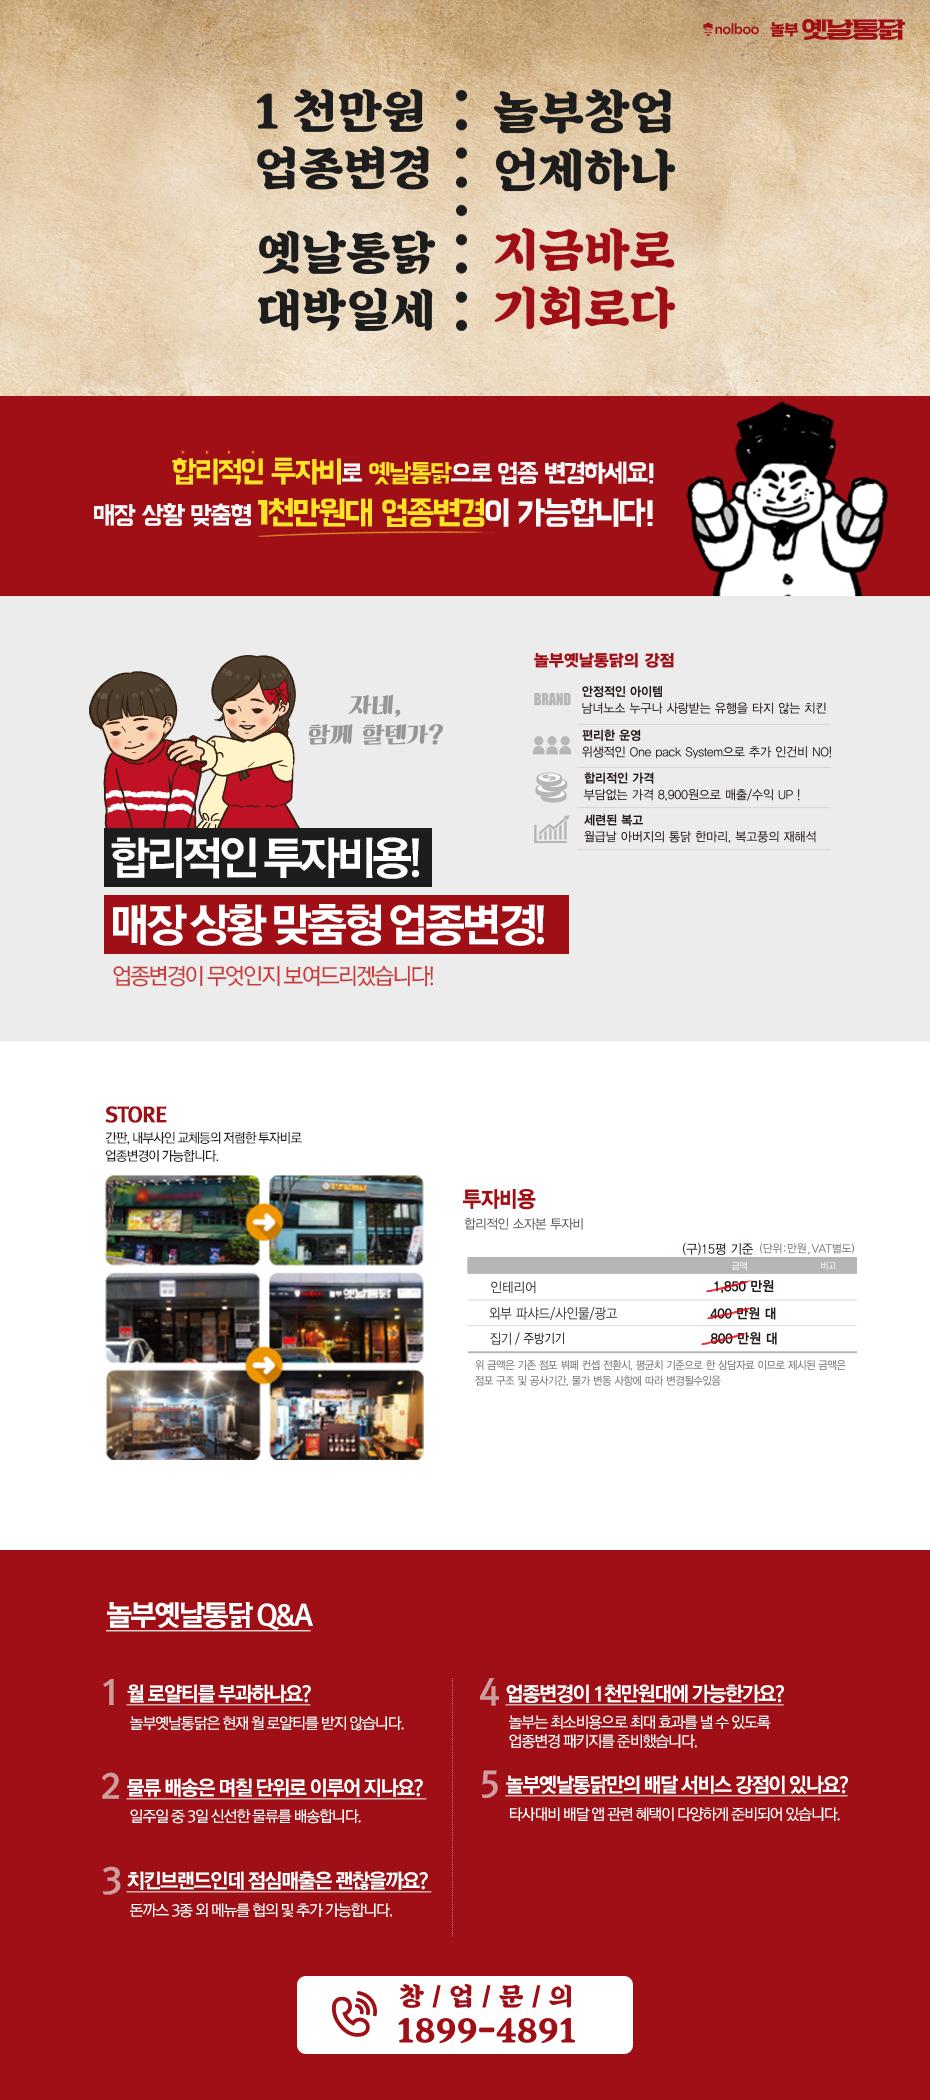 [놀부]0608_창업_930xfree_수정.png